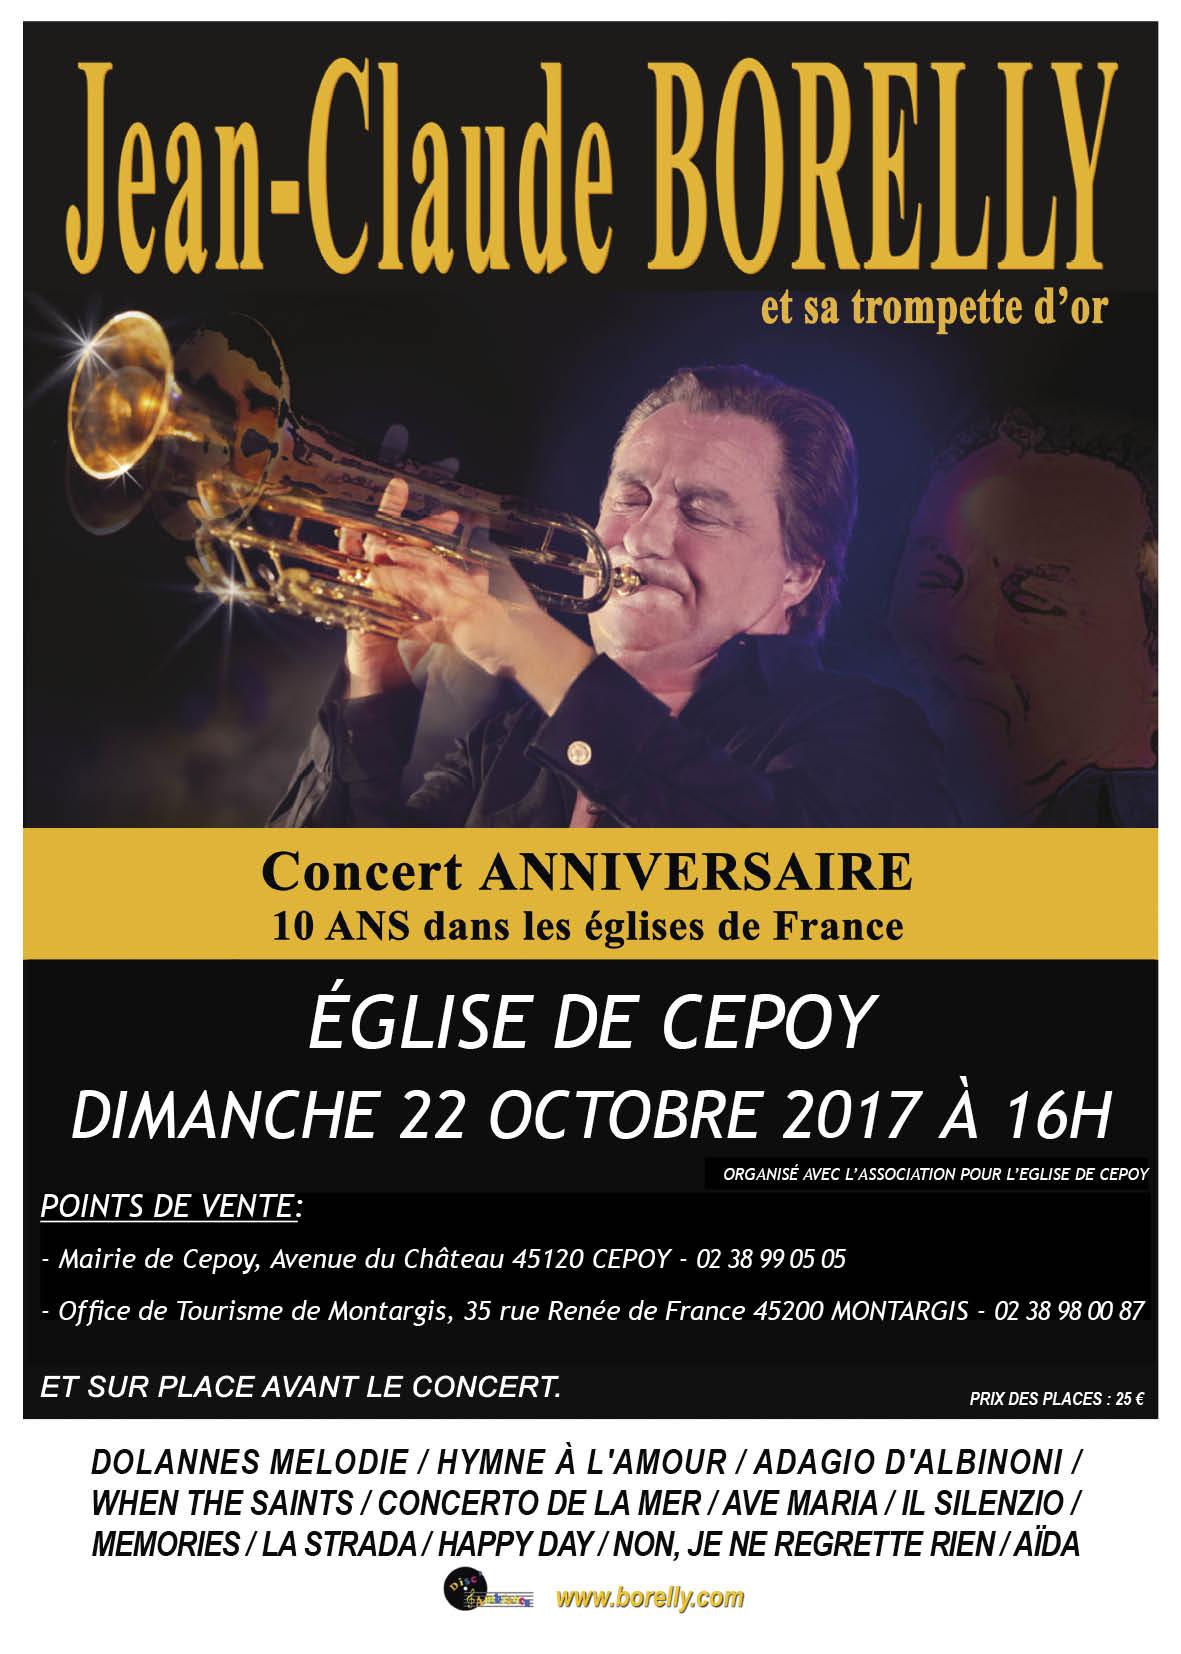 Concert à l'église de Cepoy à 16 heures, le dimanche 22 octobre